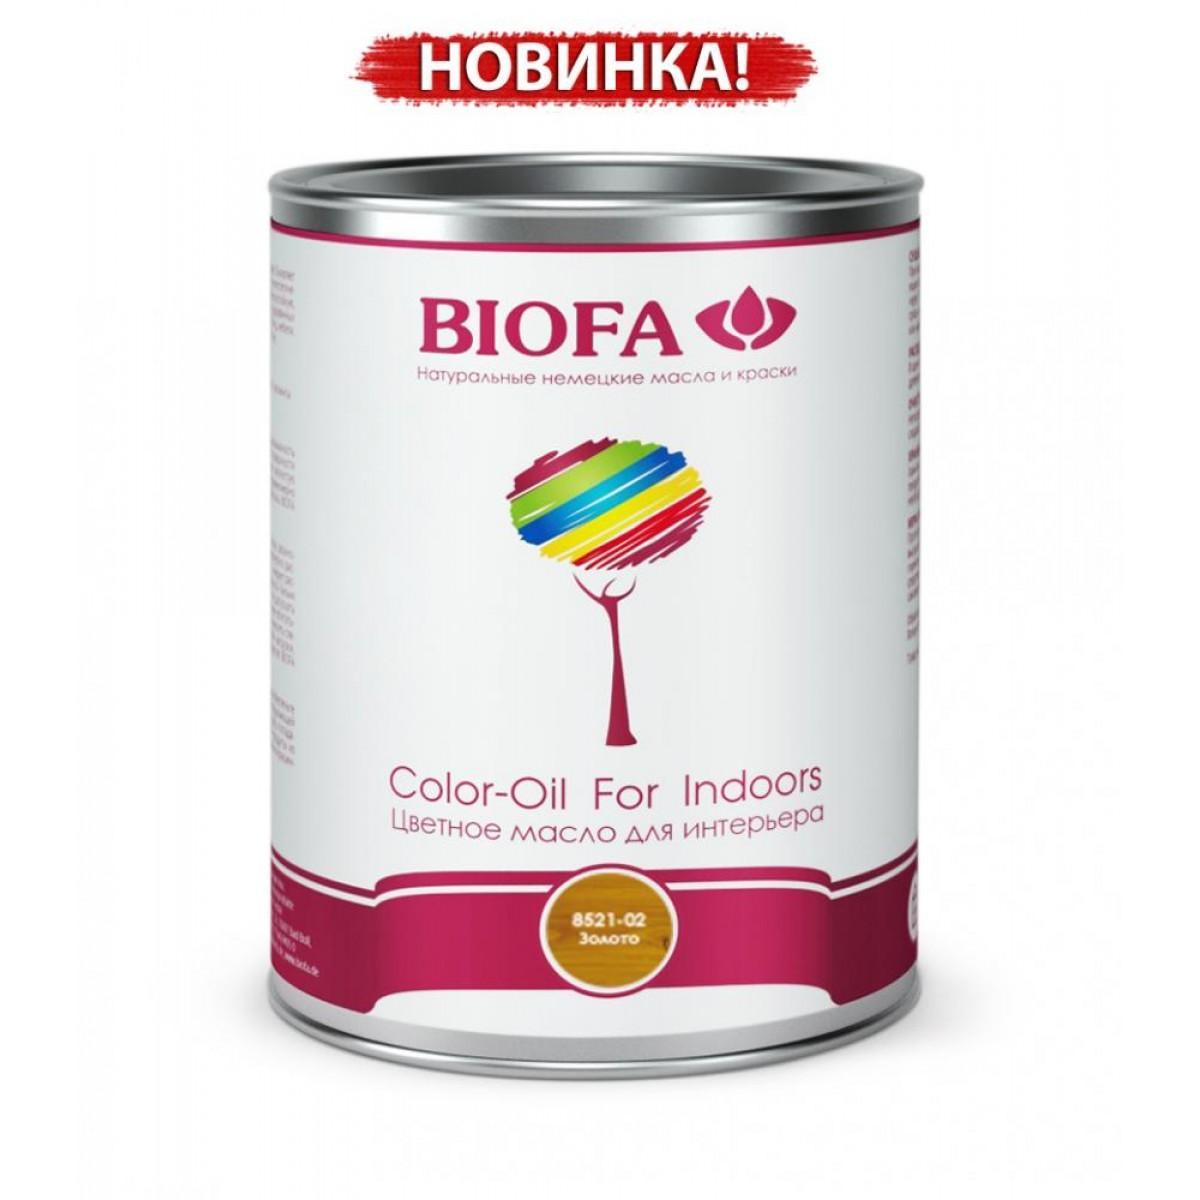 8521-02 Цветное масло для интерьера. Золото